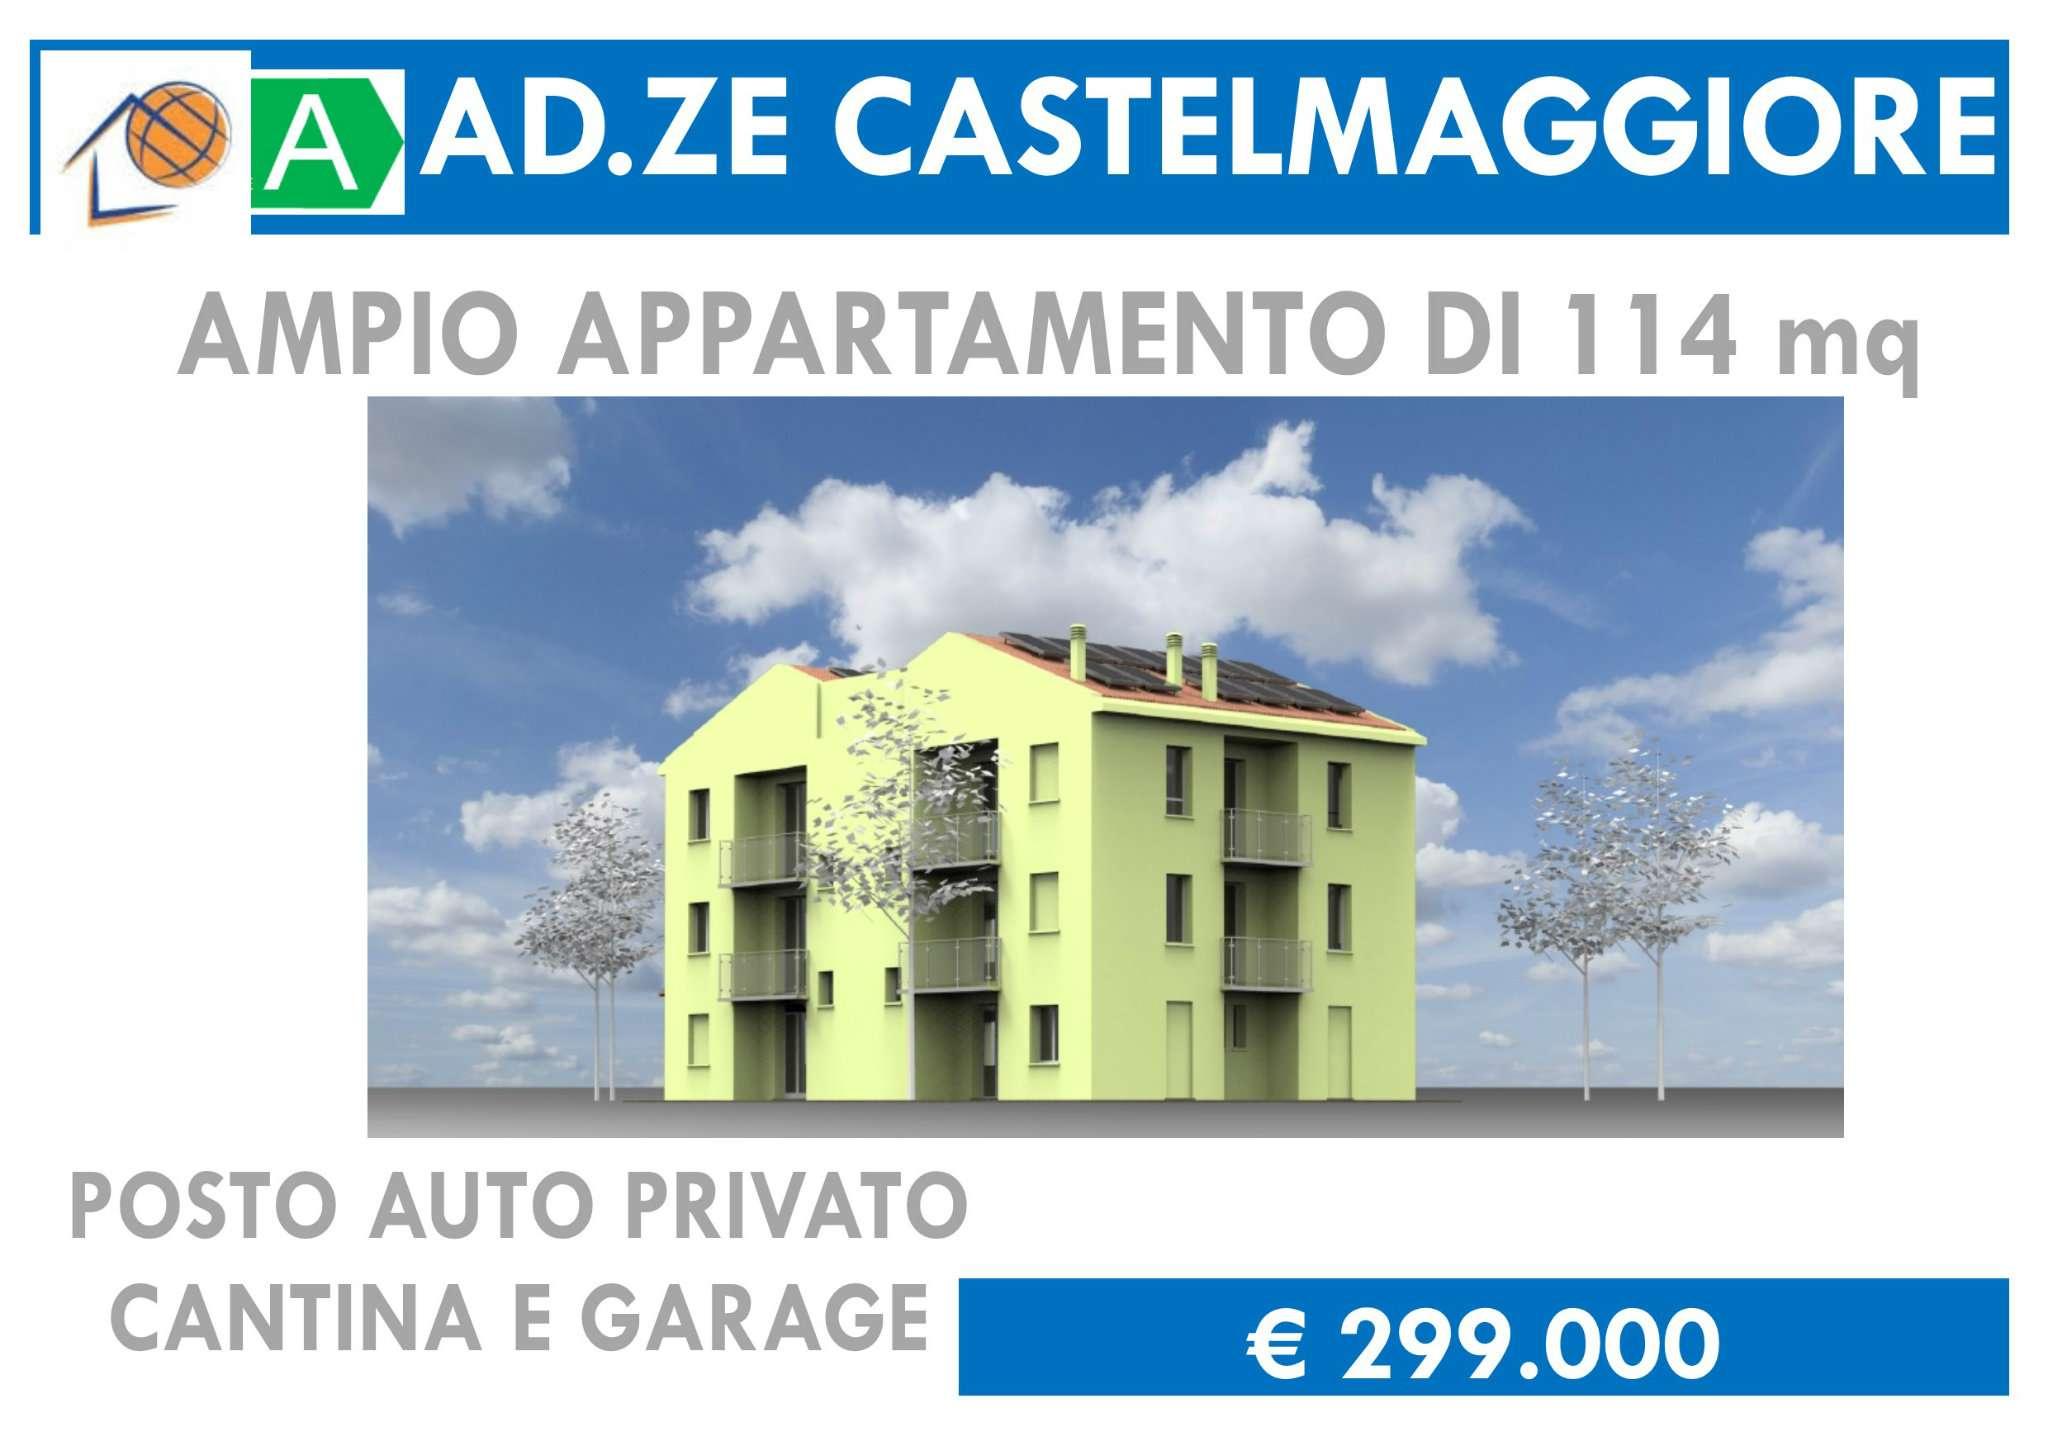 Attico / Mansarda in vendita a Castel Maggiore, 4 locali, prezzo € 299.000 | CambioCasa.it